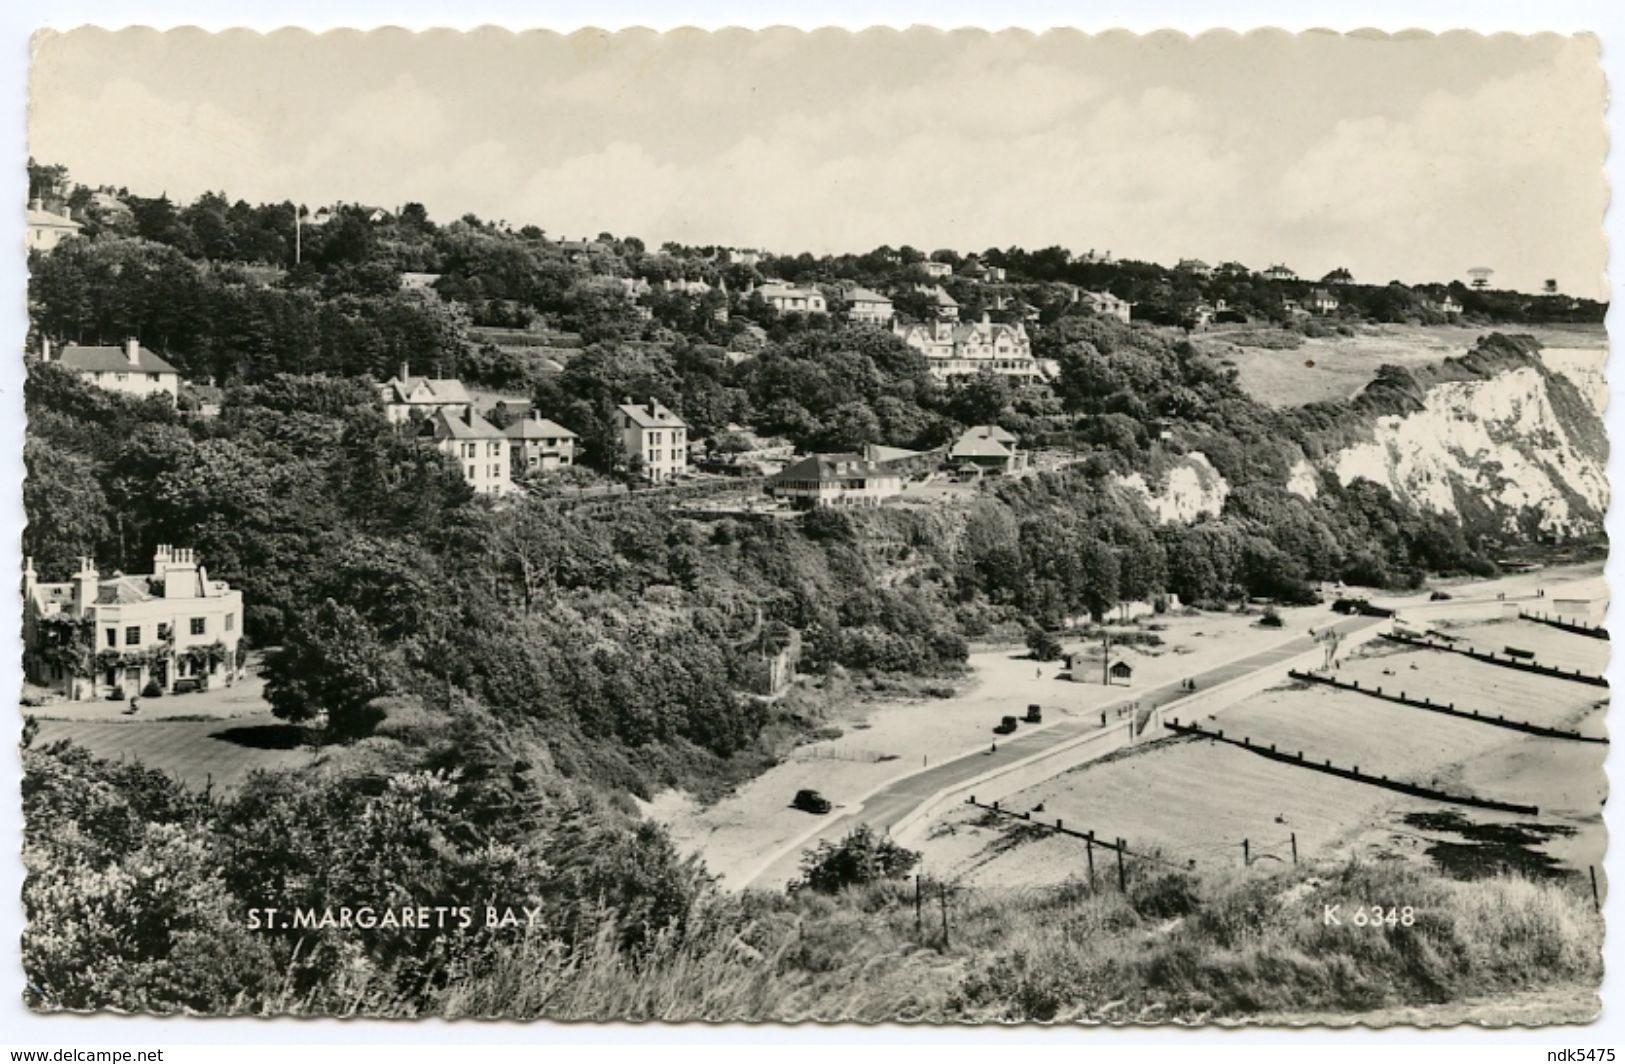 ST MARGARET'S BAY - Dover